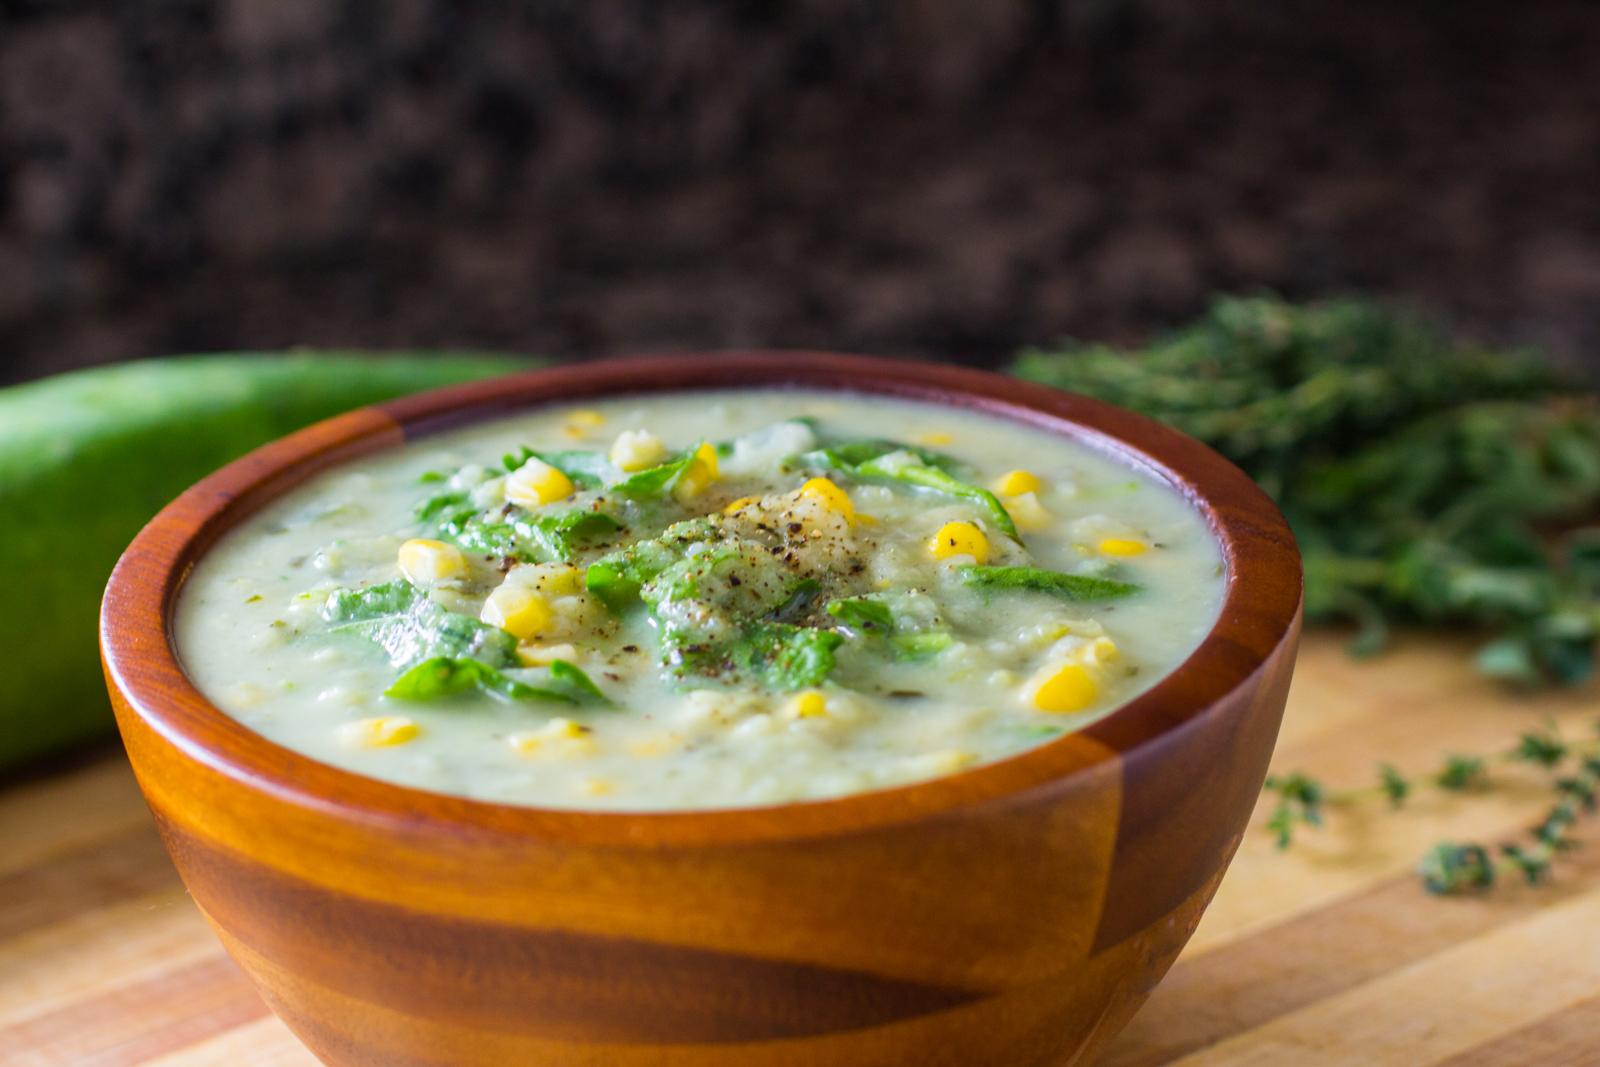 Creamy Zucchini and Corn Soup Recipe [video]